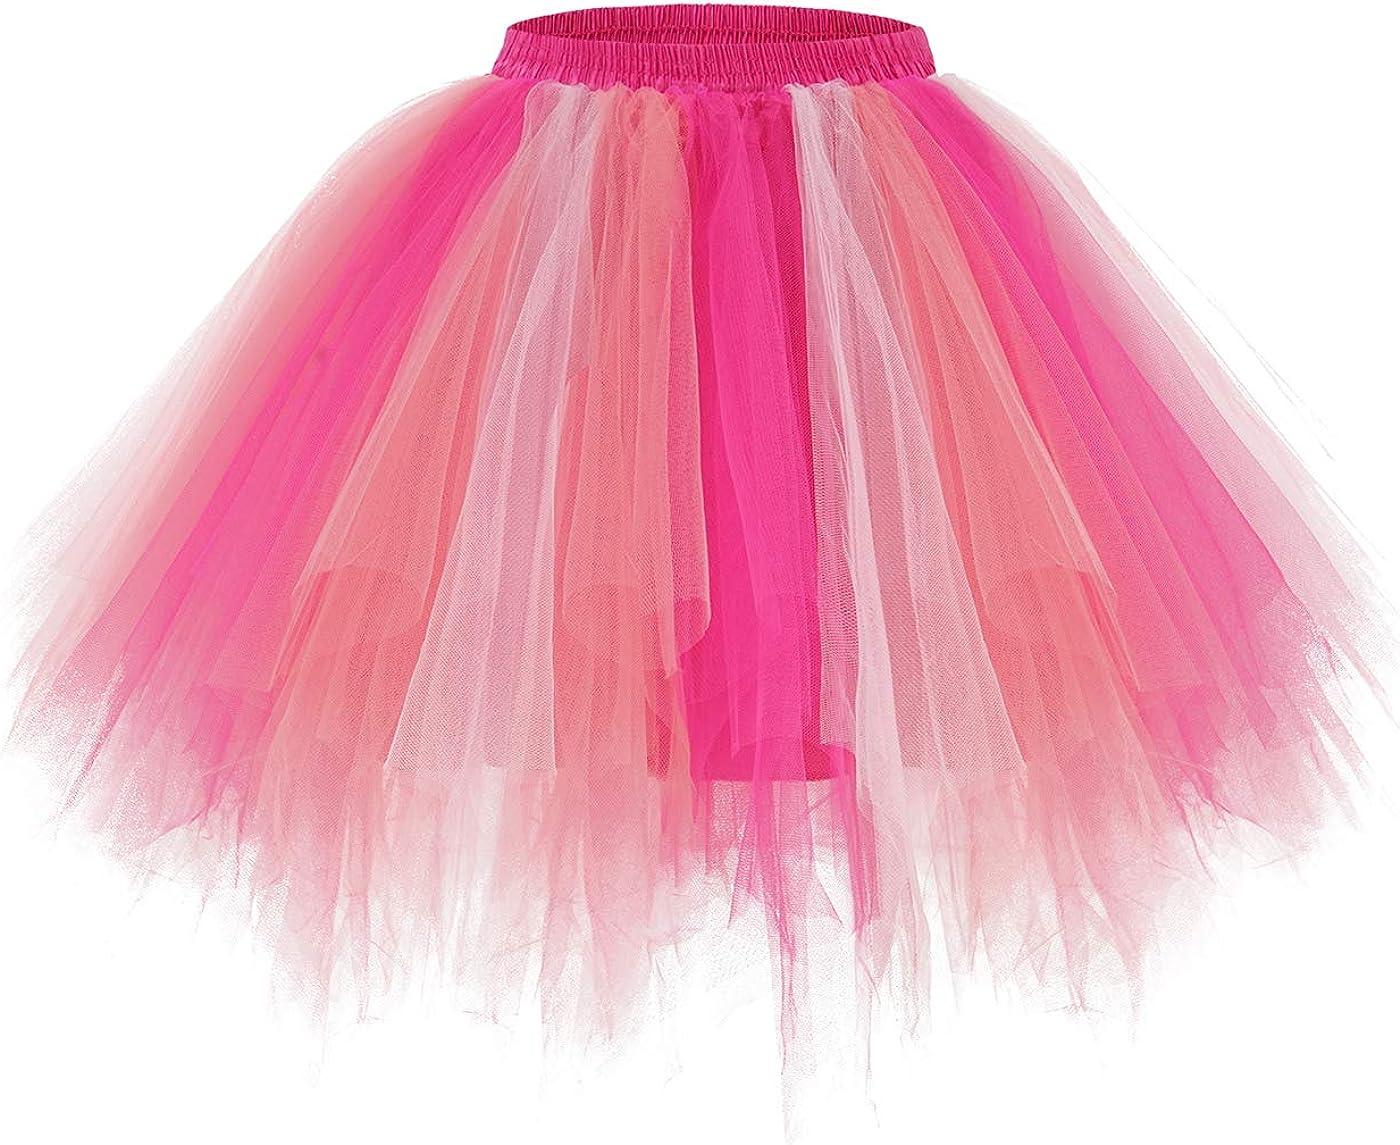 PrePretty Women's Tutu Mini Tulle Skirt 50s Halloween Party Costume Bubble Ballet Half Slip Skirt